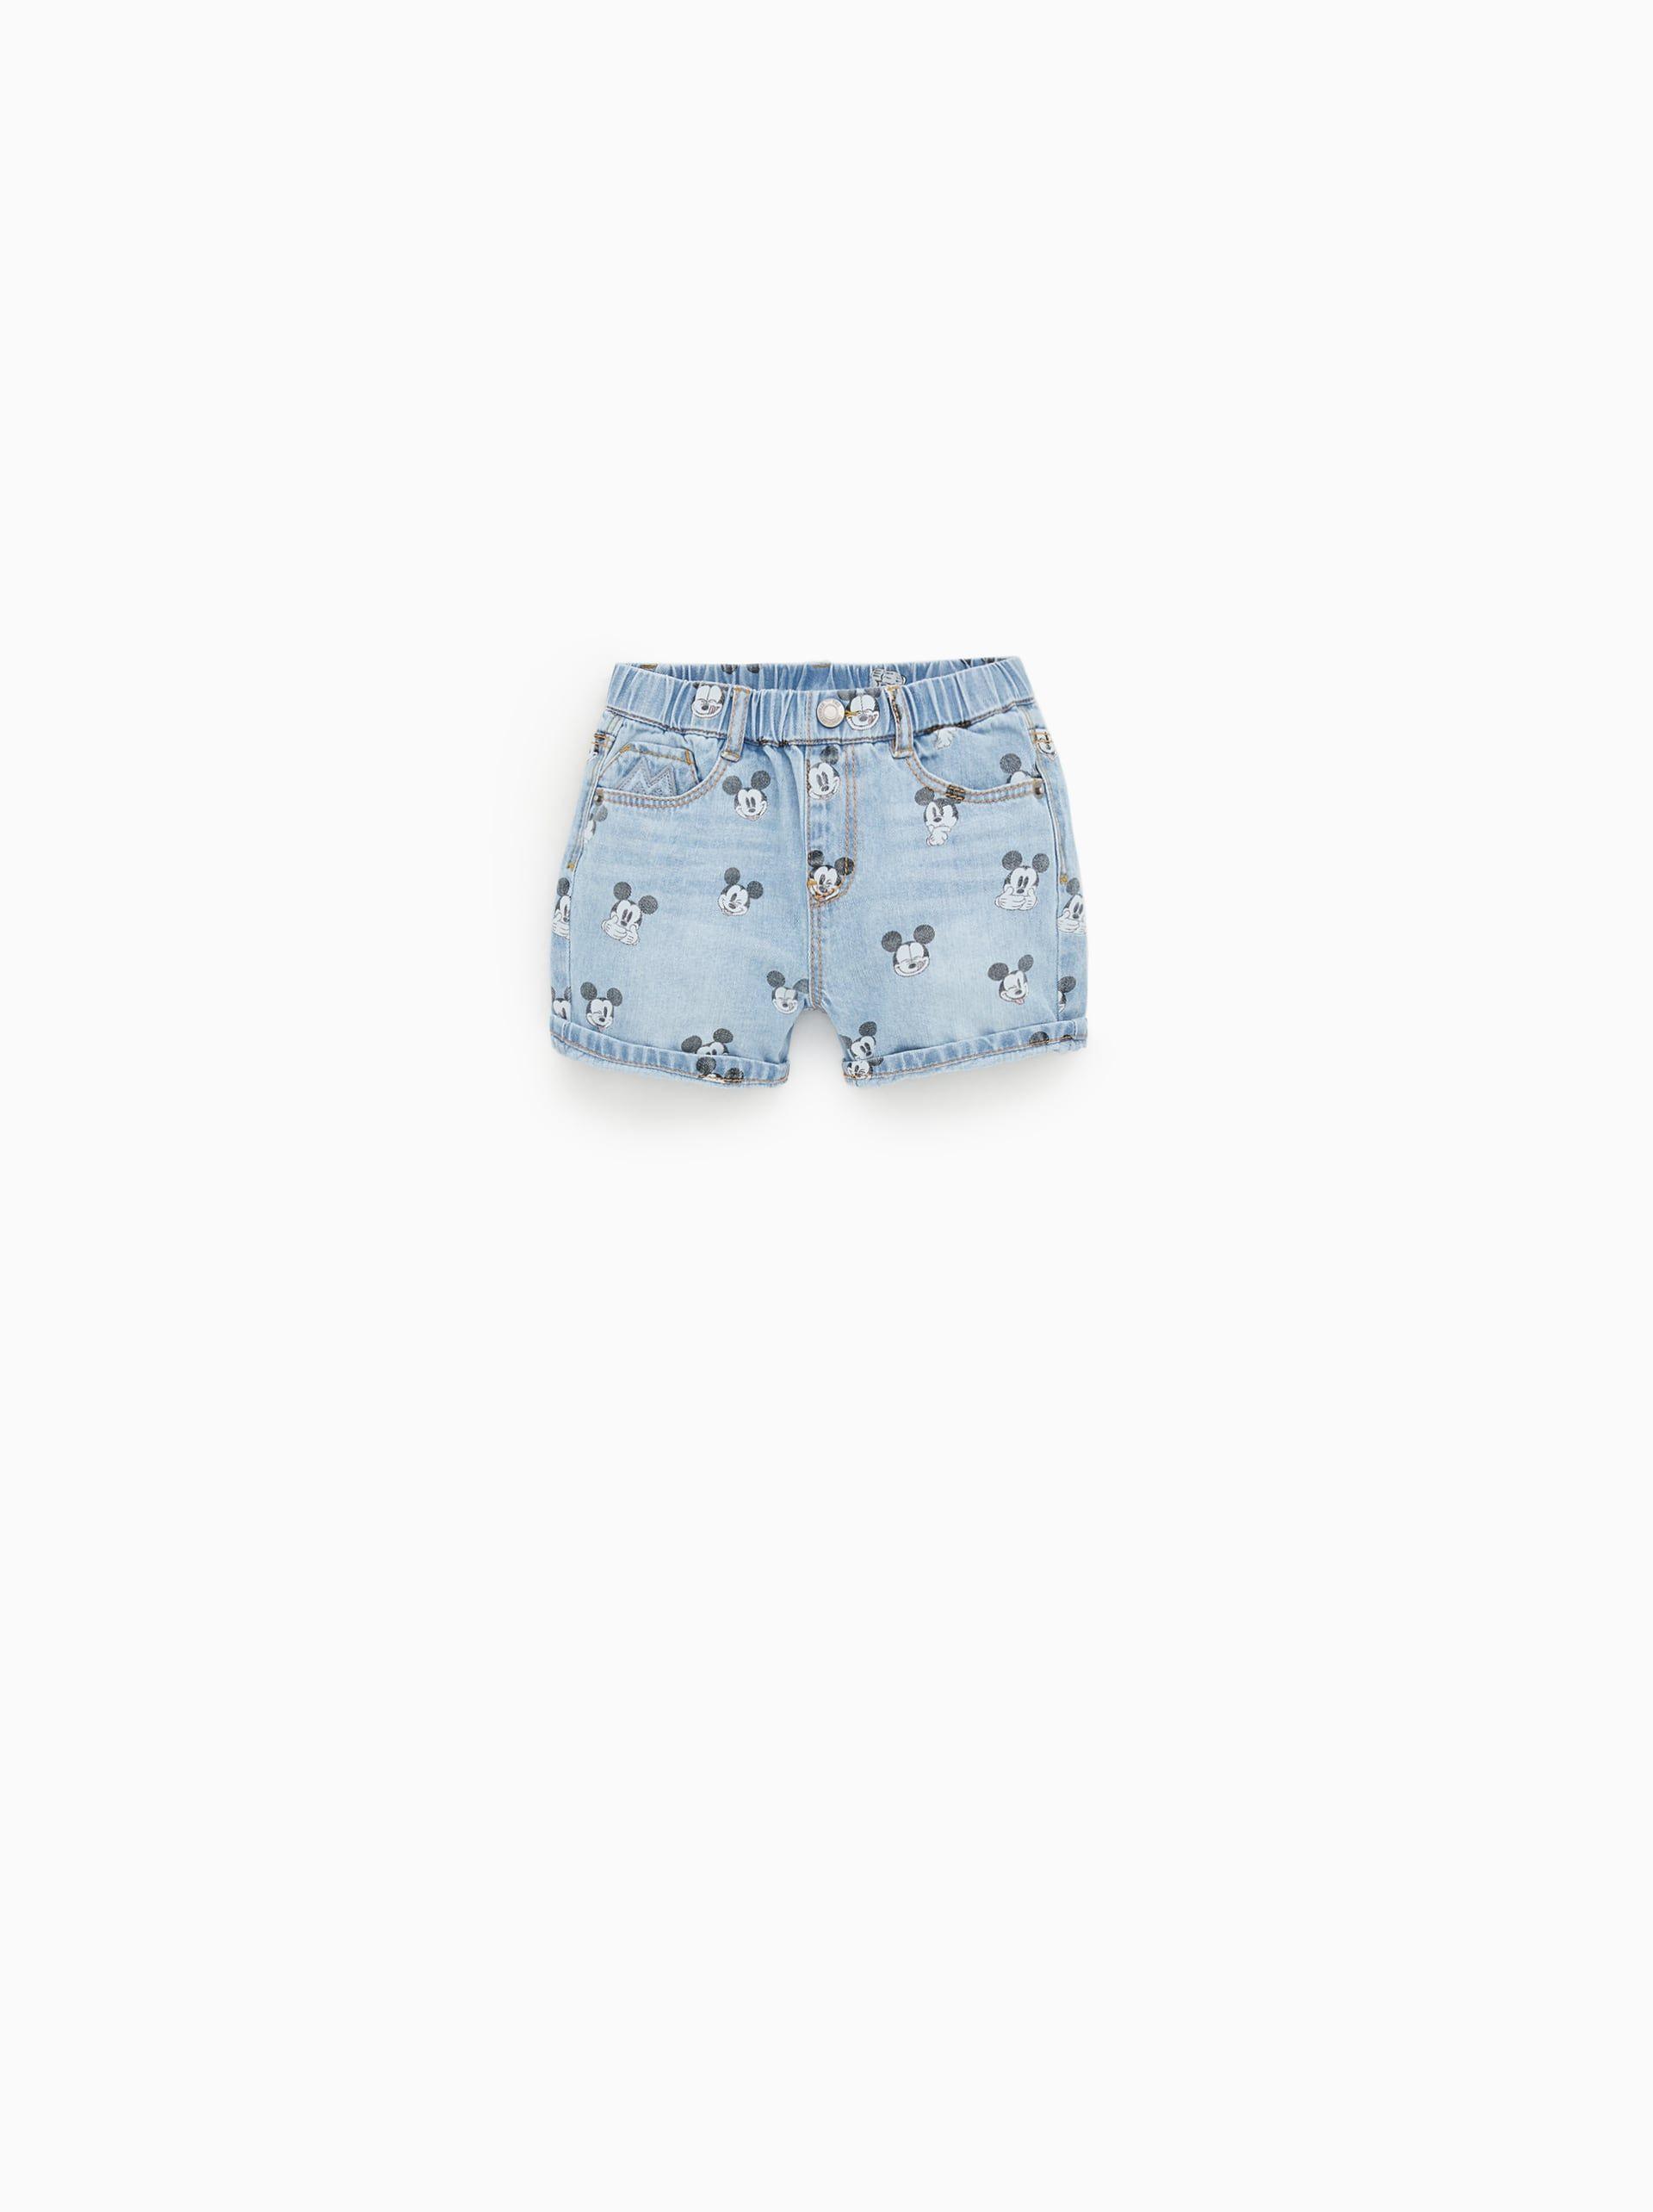 ©mickey mouse denim shorts | Mickey shorts, Denim shorts